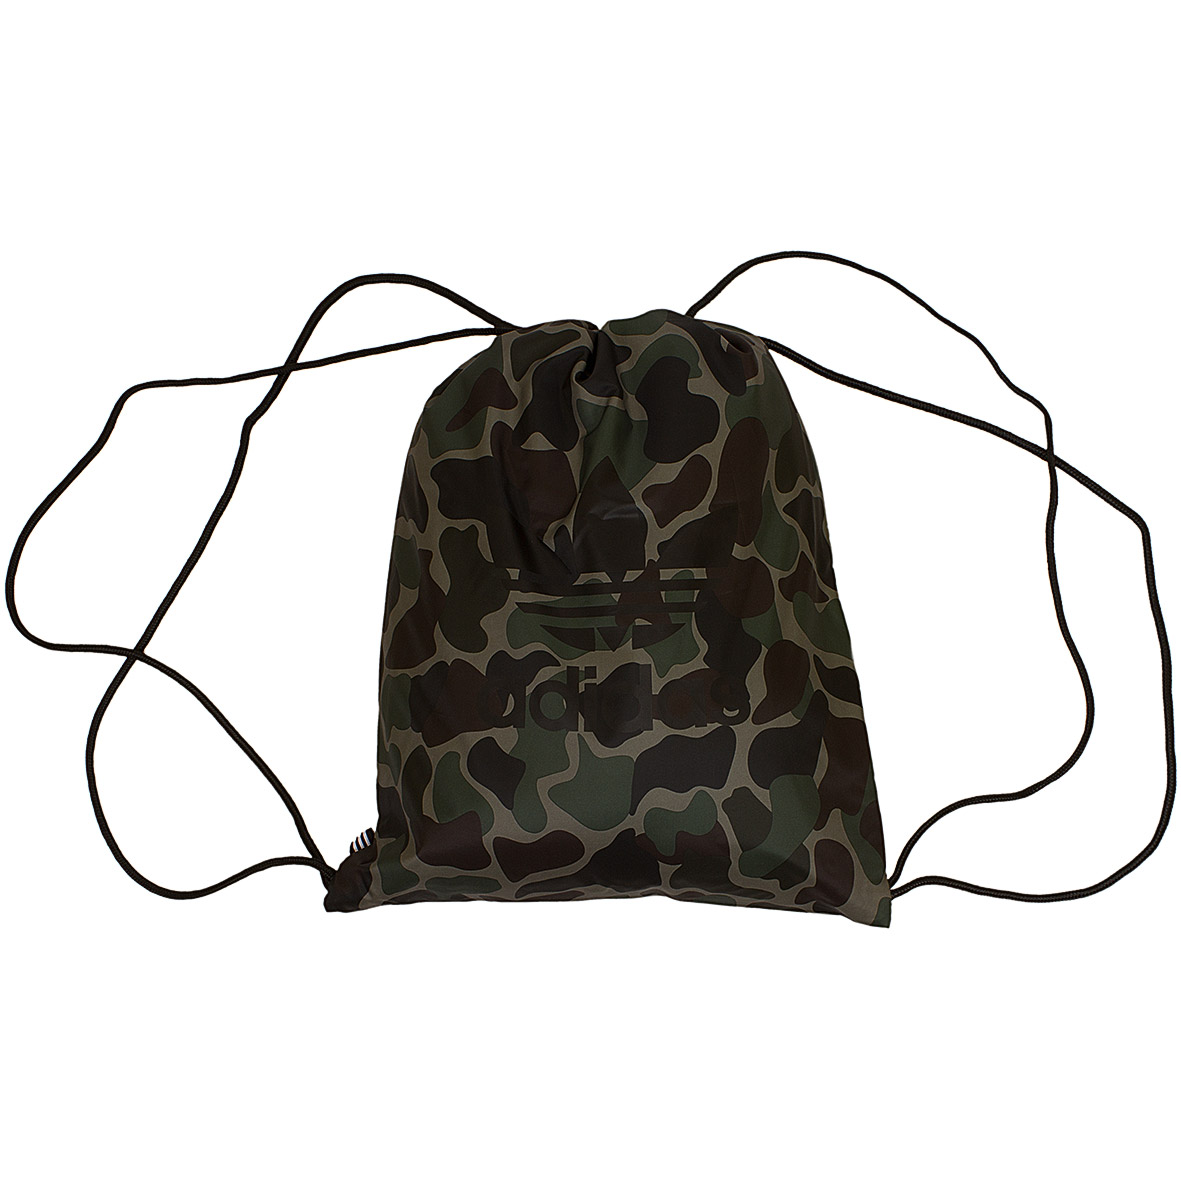 768b41a158 ☆ Adidas Originals Gym Bag Camo camo - hier bestellen!